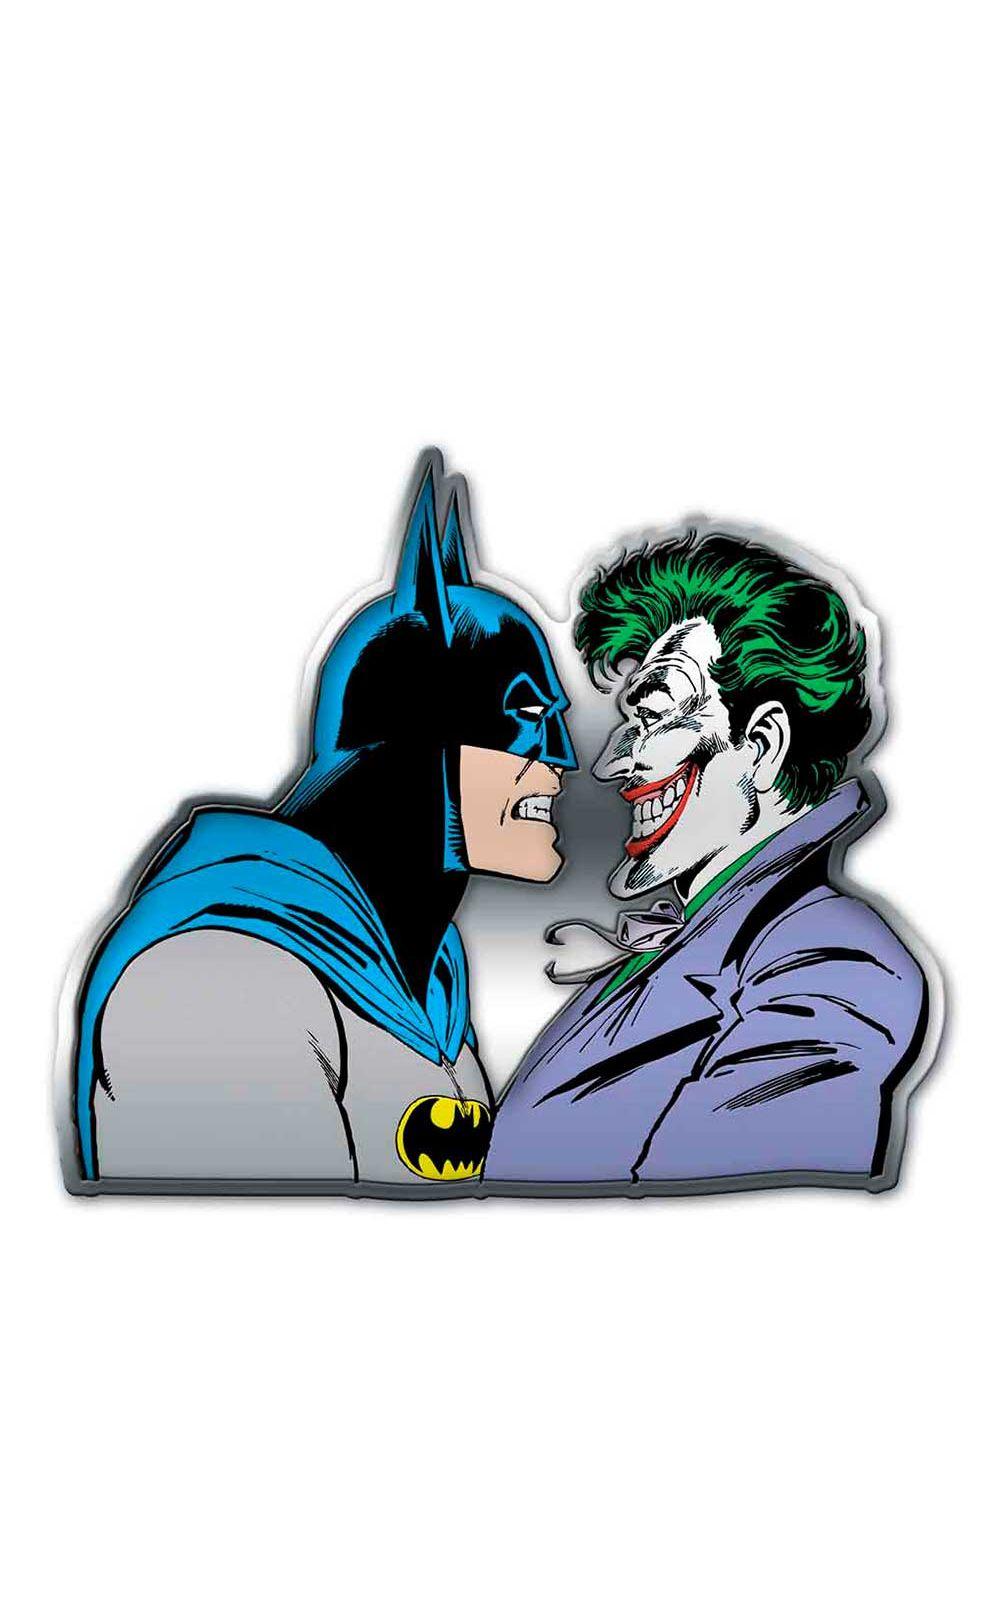 Foto 1 - Placa Decorativa de Metal Recortada Batman e Coringa DC Comics